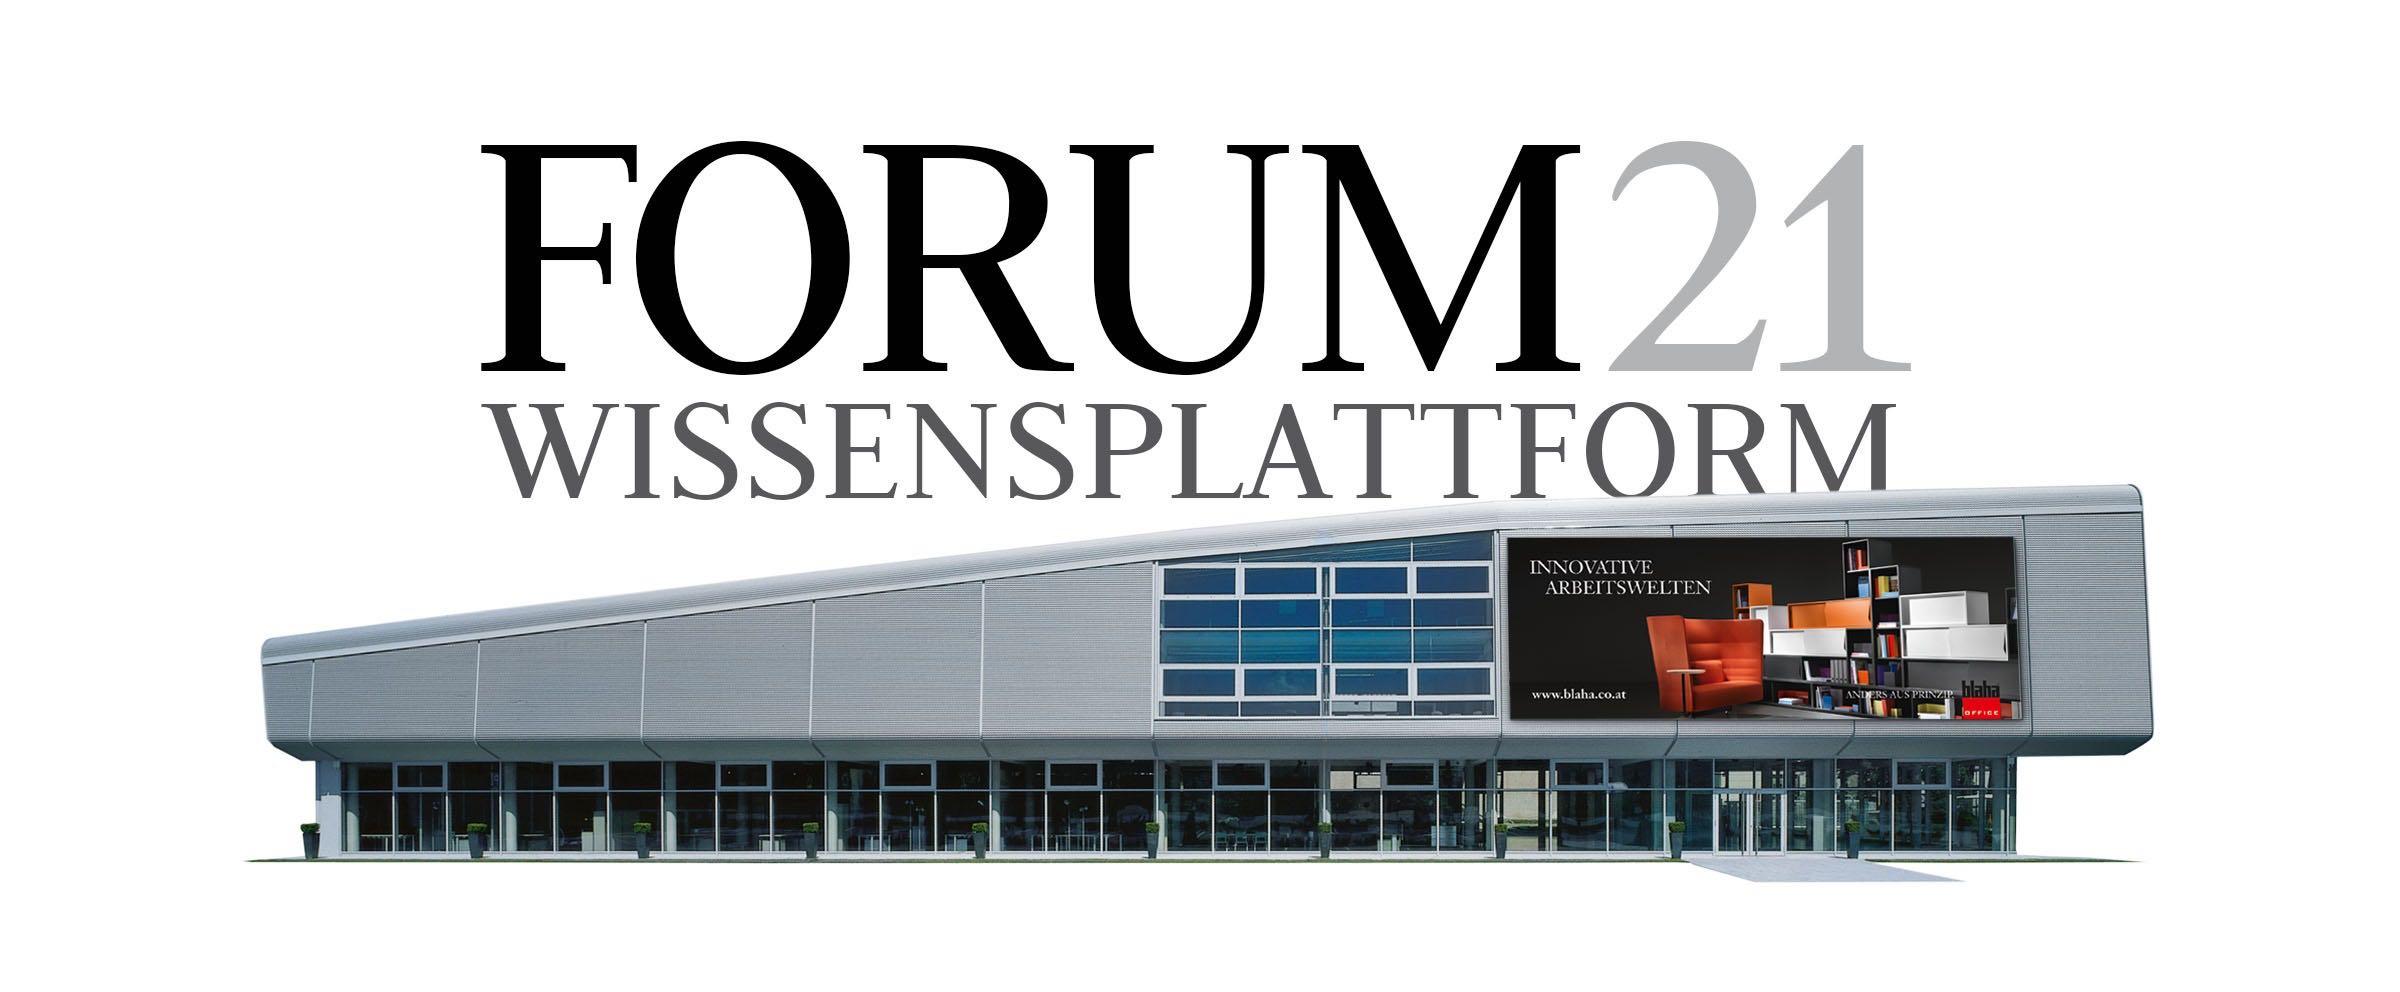 forum 21 wissensplattform blaha office buero